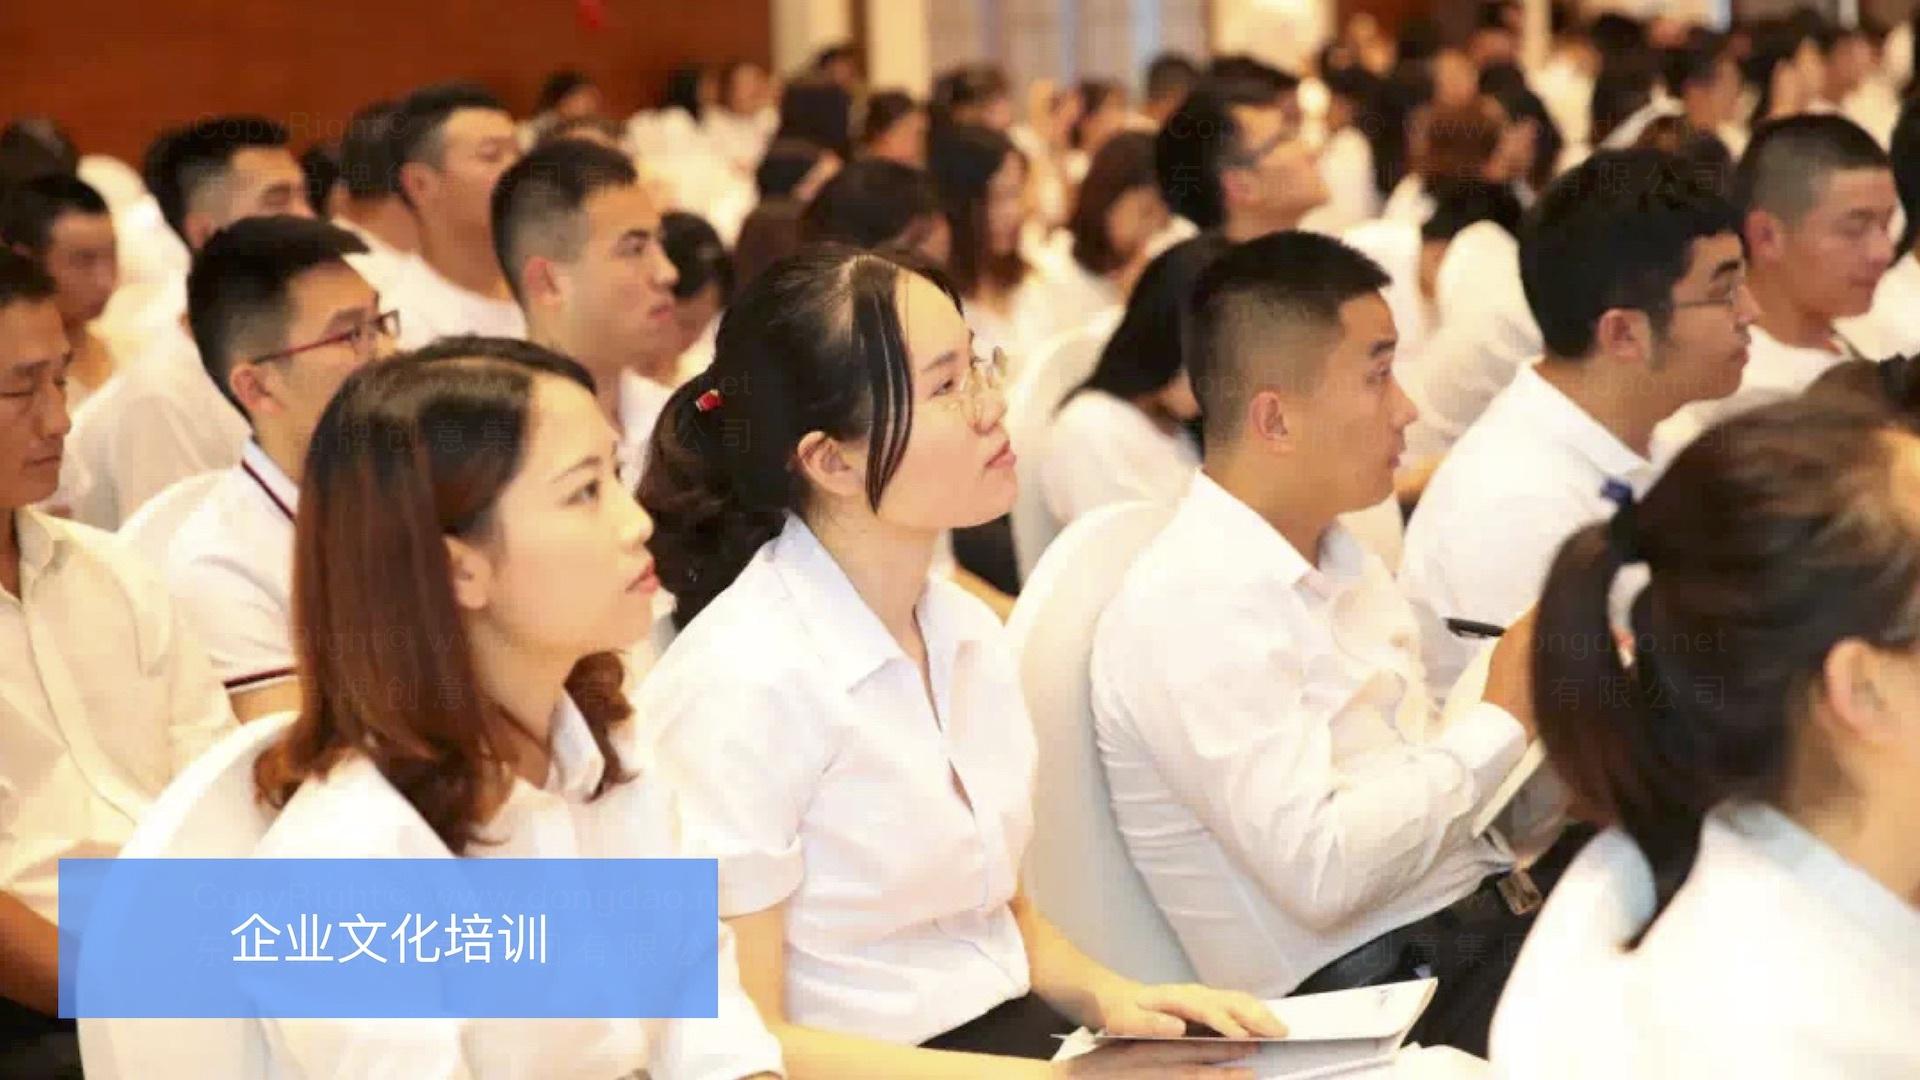 品牌战略&企业文化成都建工企业文化体系方案应用场景_13